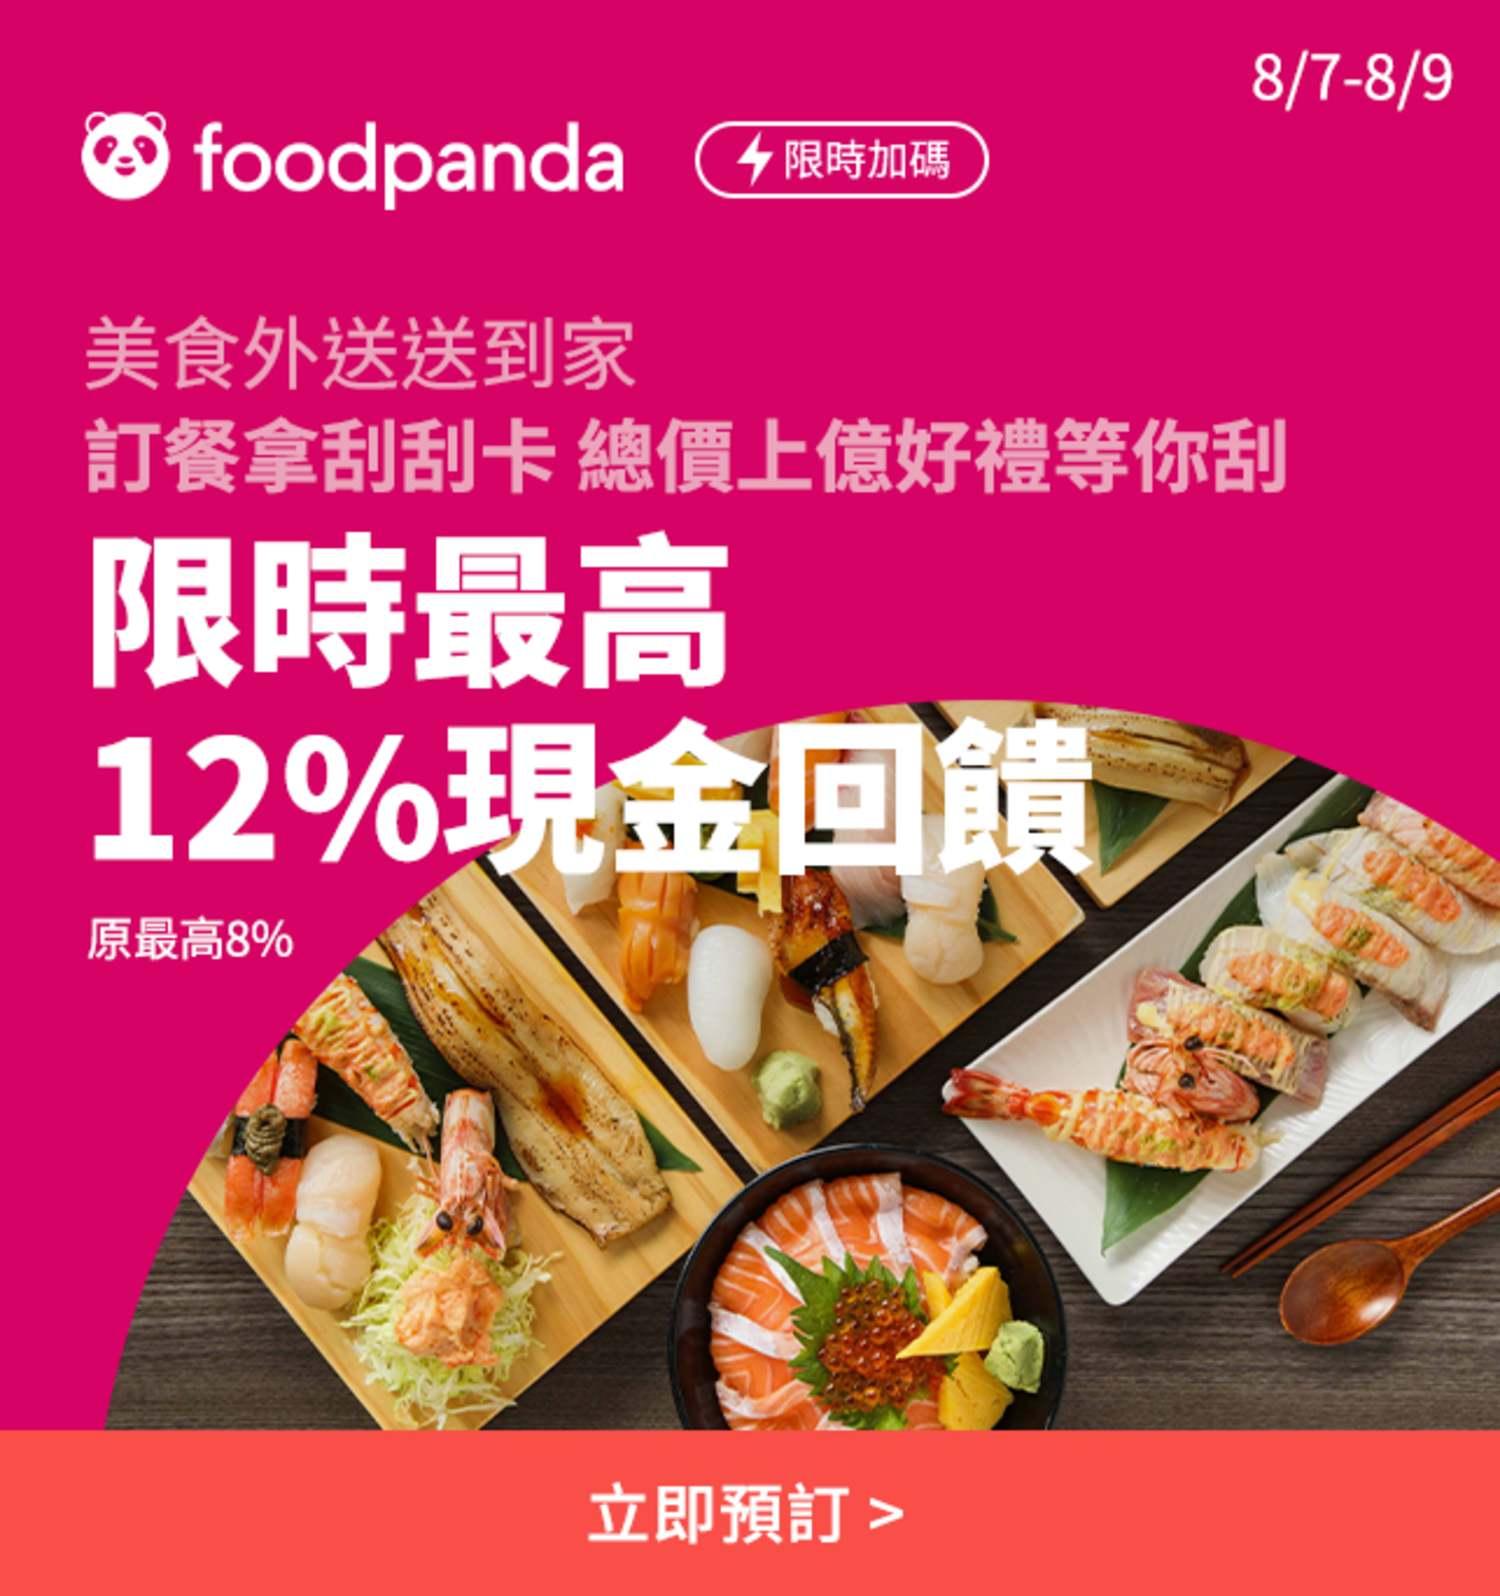 foodpanda 8/7-8/9